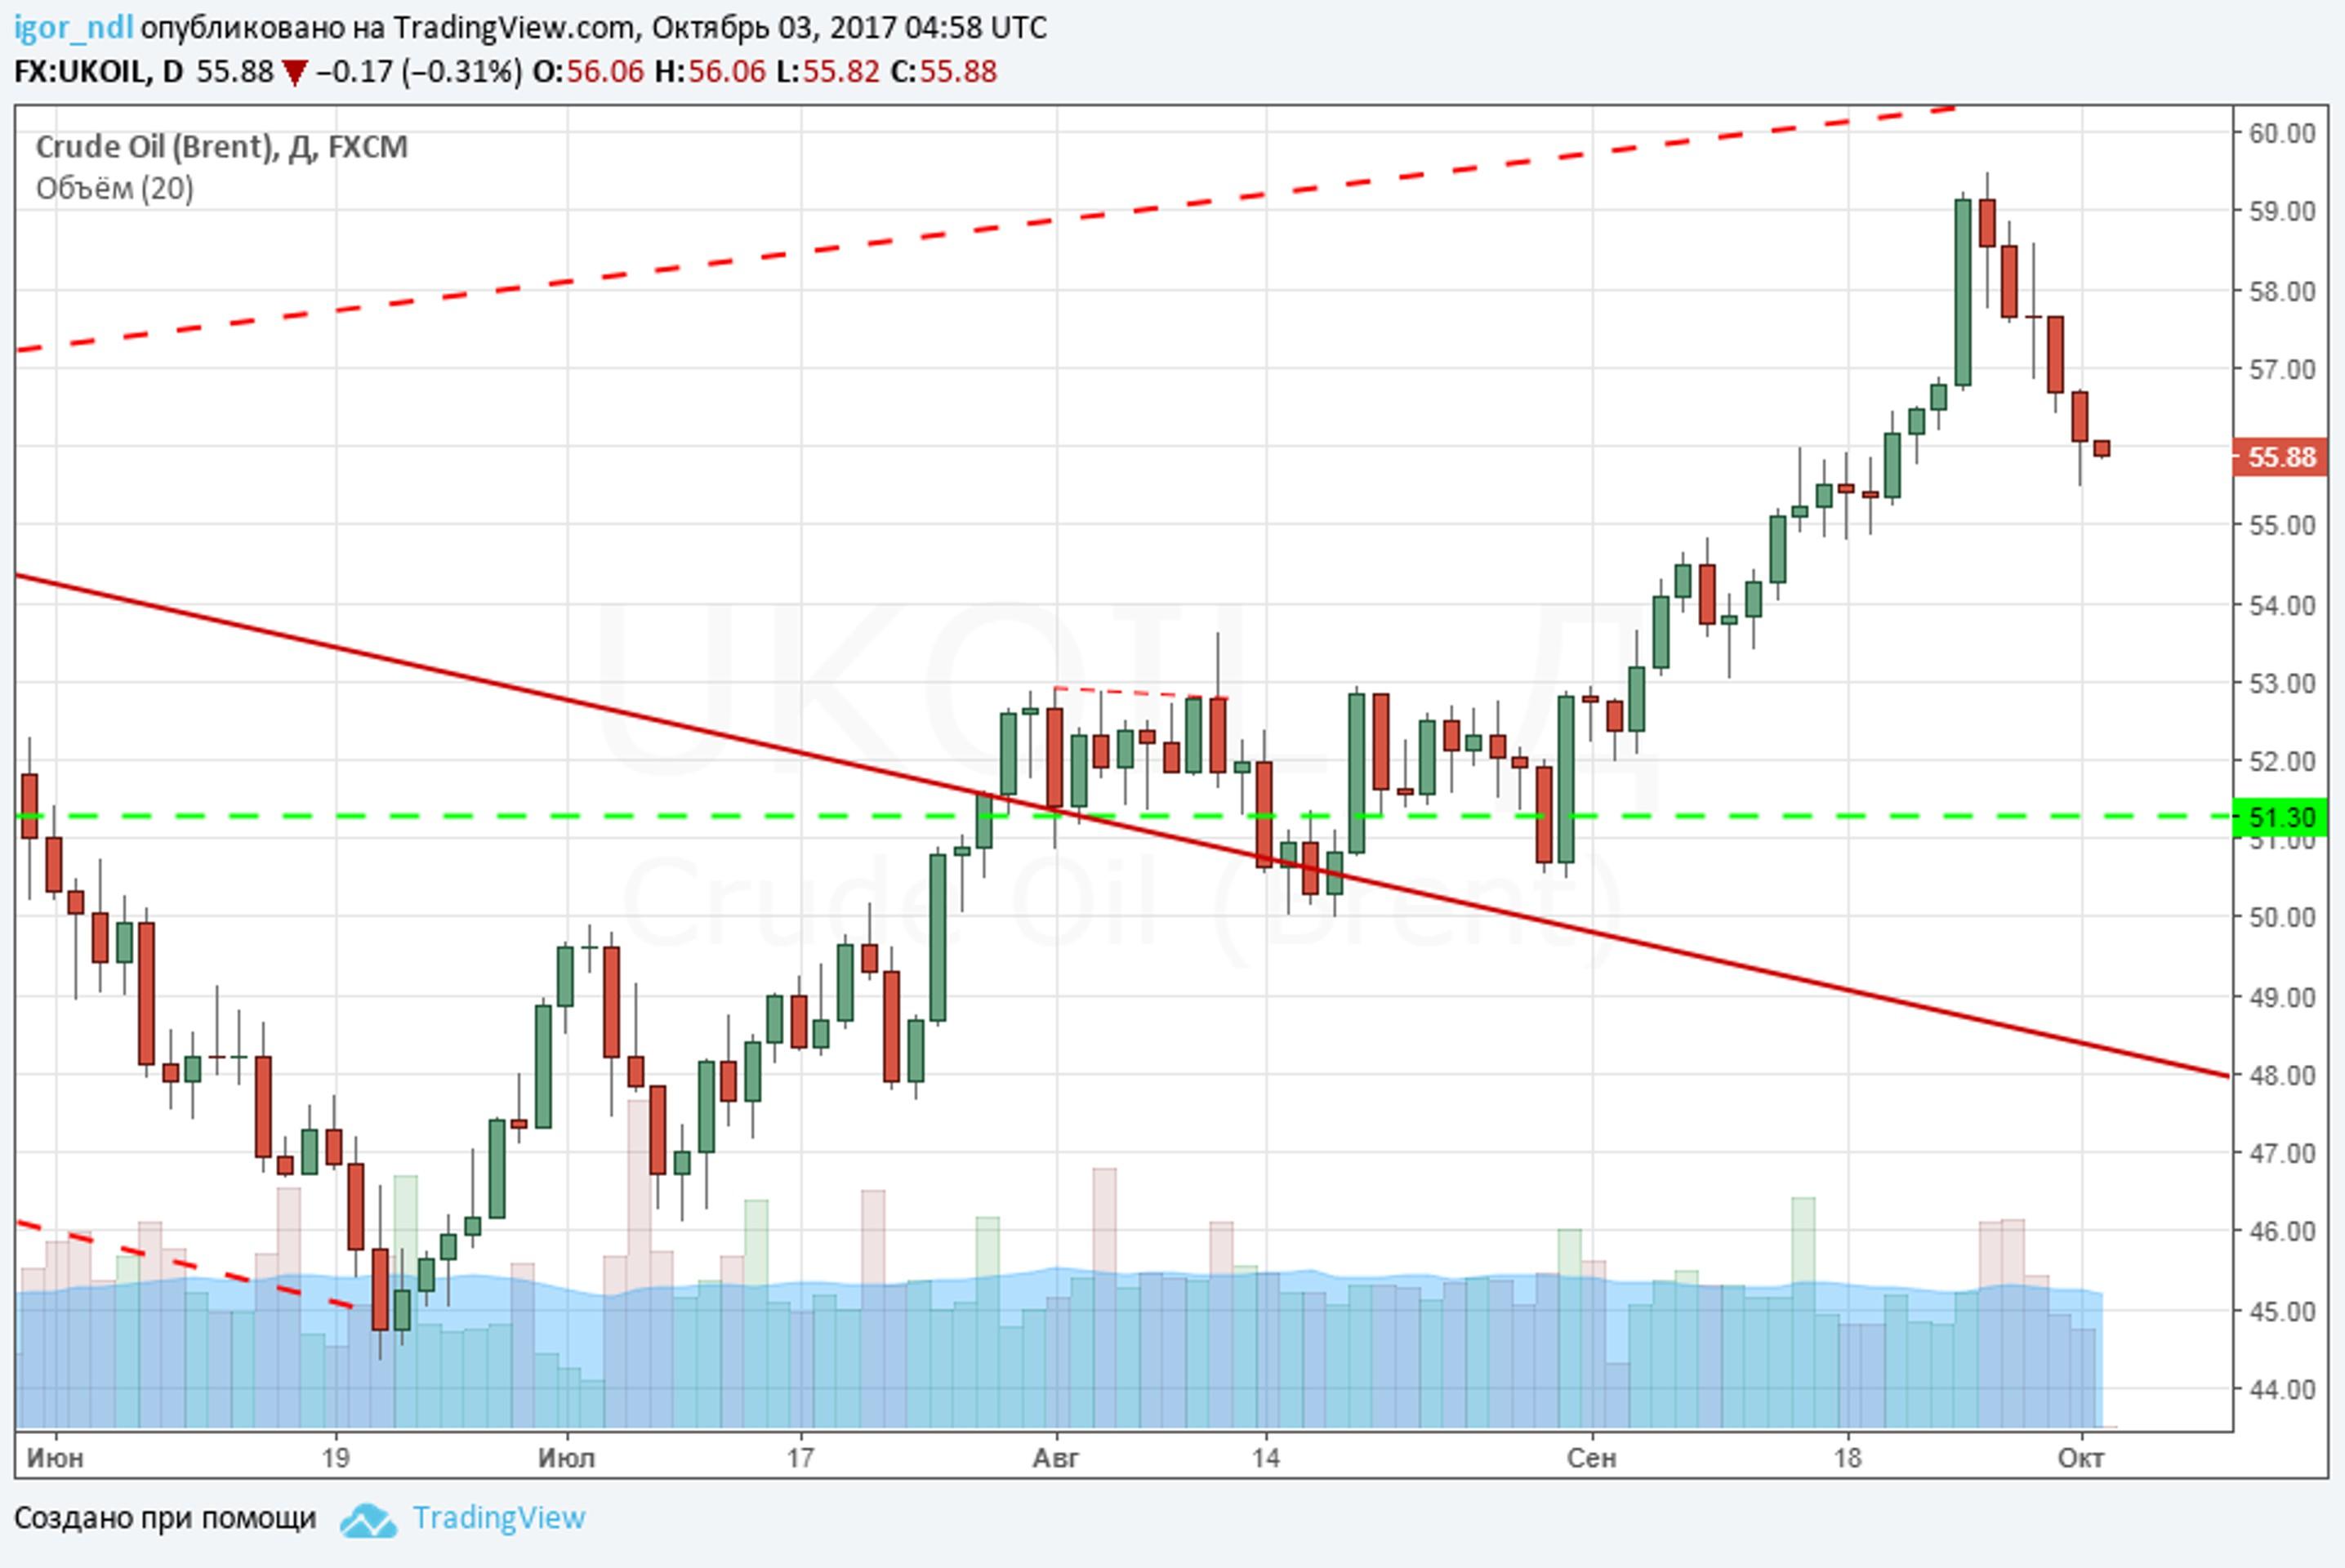 Падение на рынке нефти затянулось. Будет ли обвал?